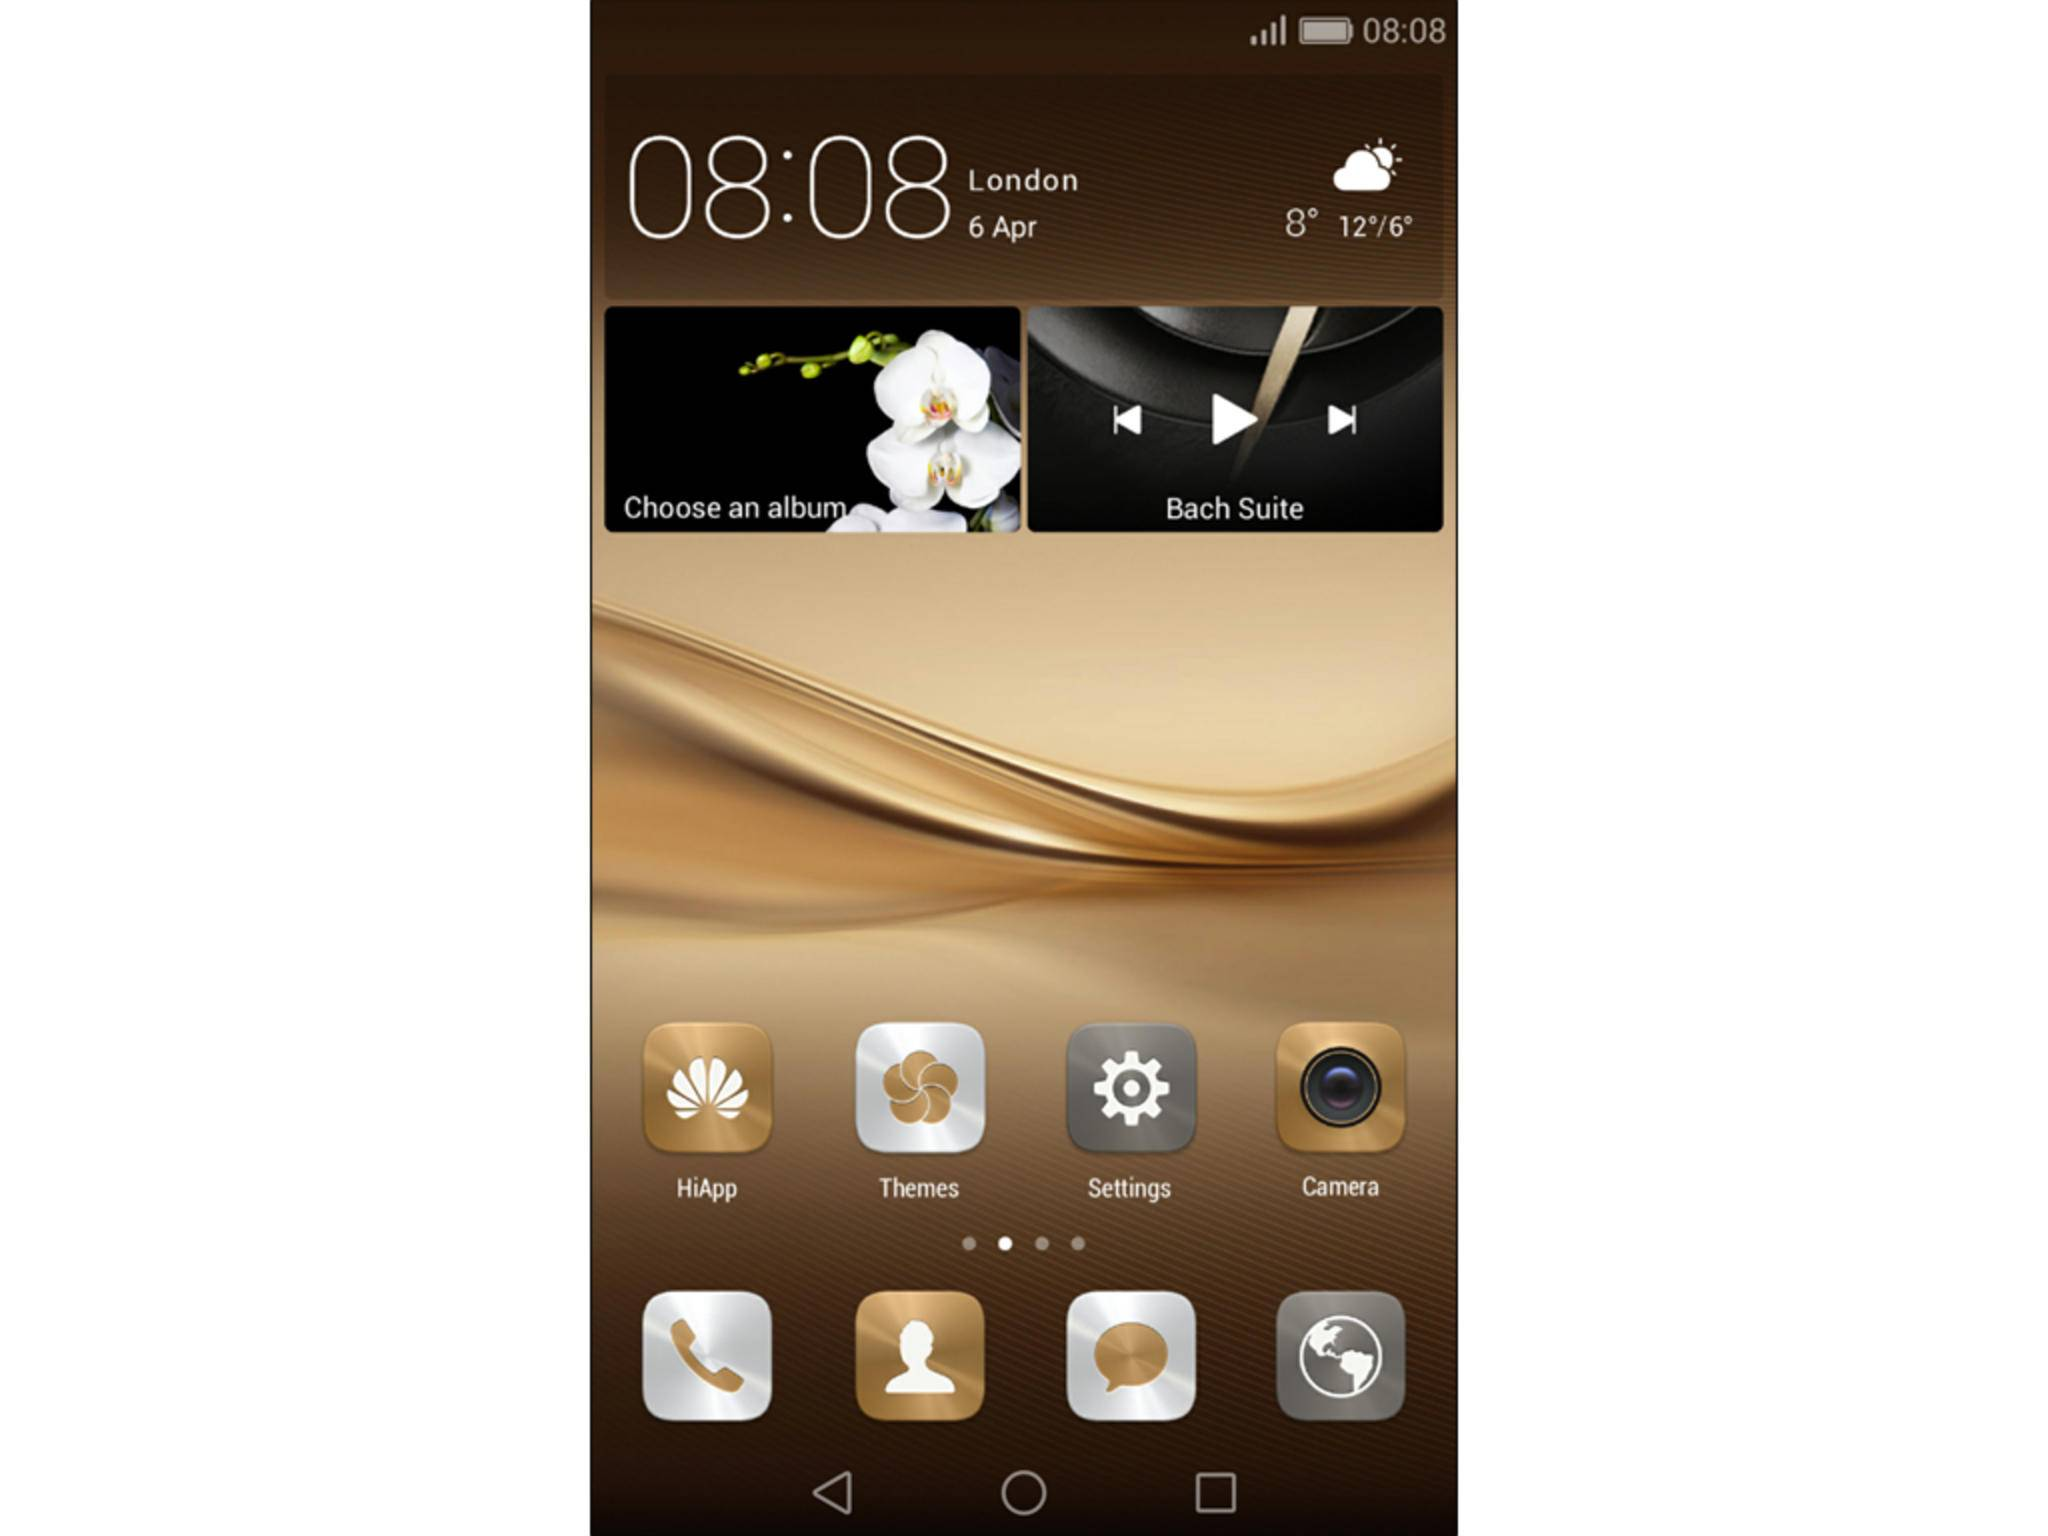 Nicht jedes Android-Smartphone muss gleich aussehen.